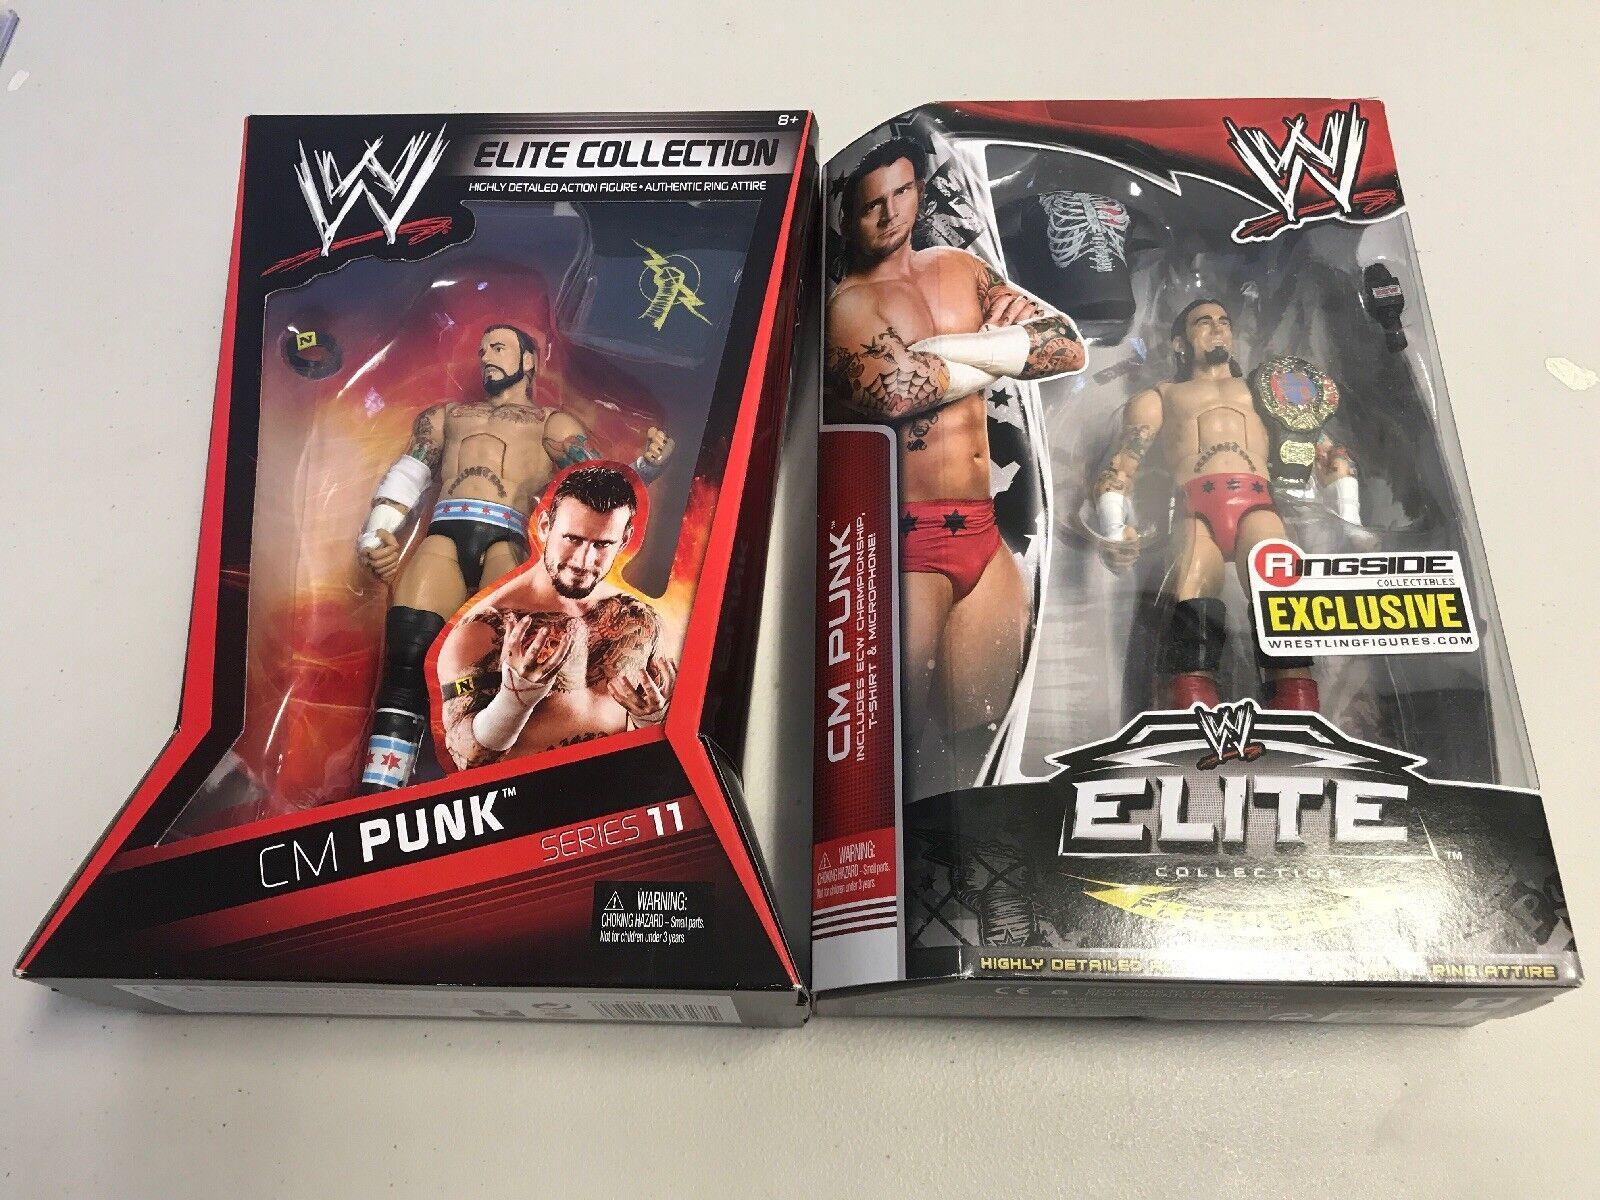 WWE Elite 11 & Ringside exclusivo Cm Punk Figure 2 Figure Punk Lote poco común de menta en tarjeta fe87f3